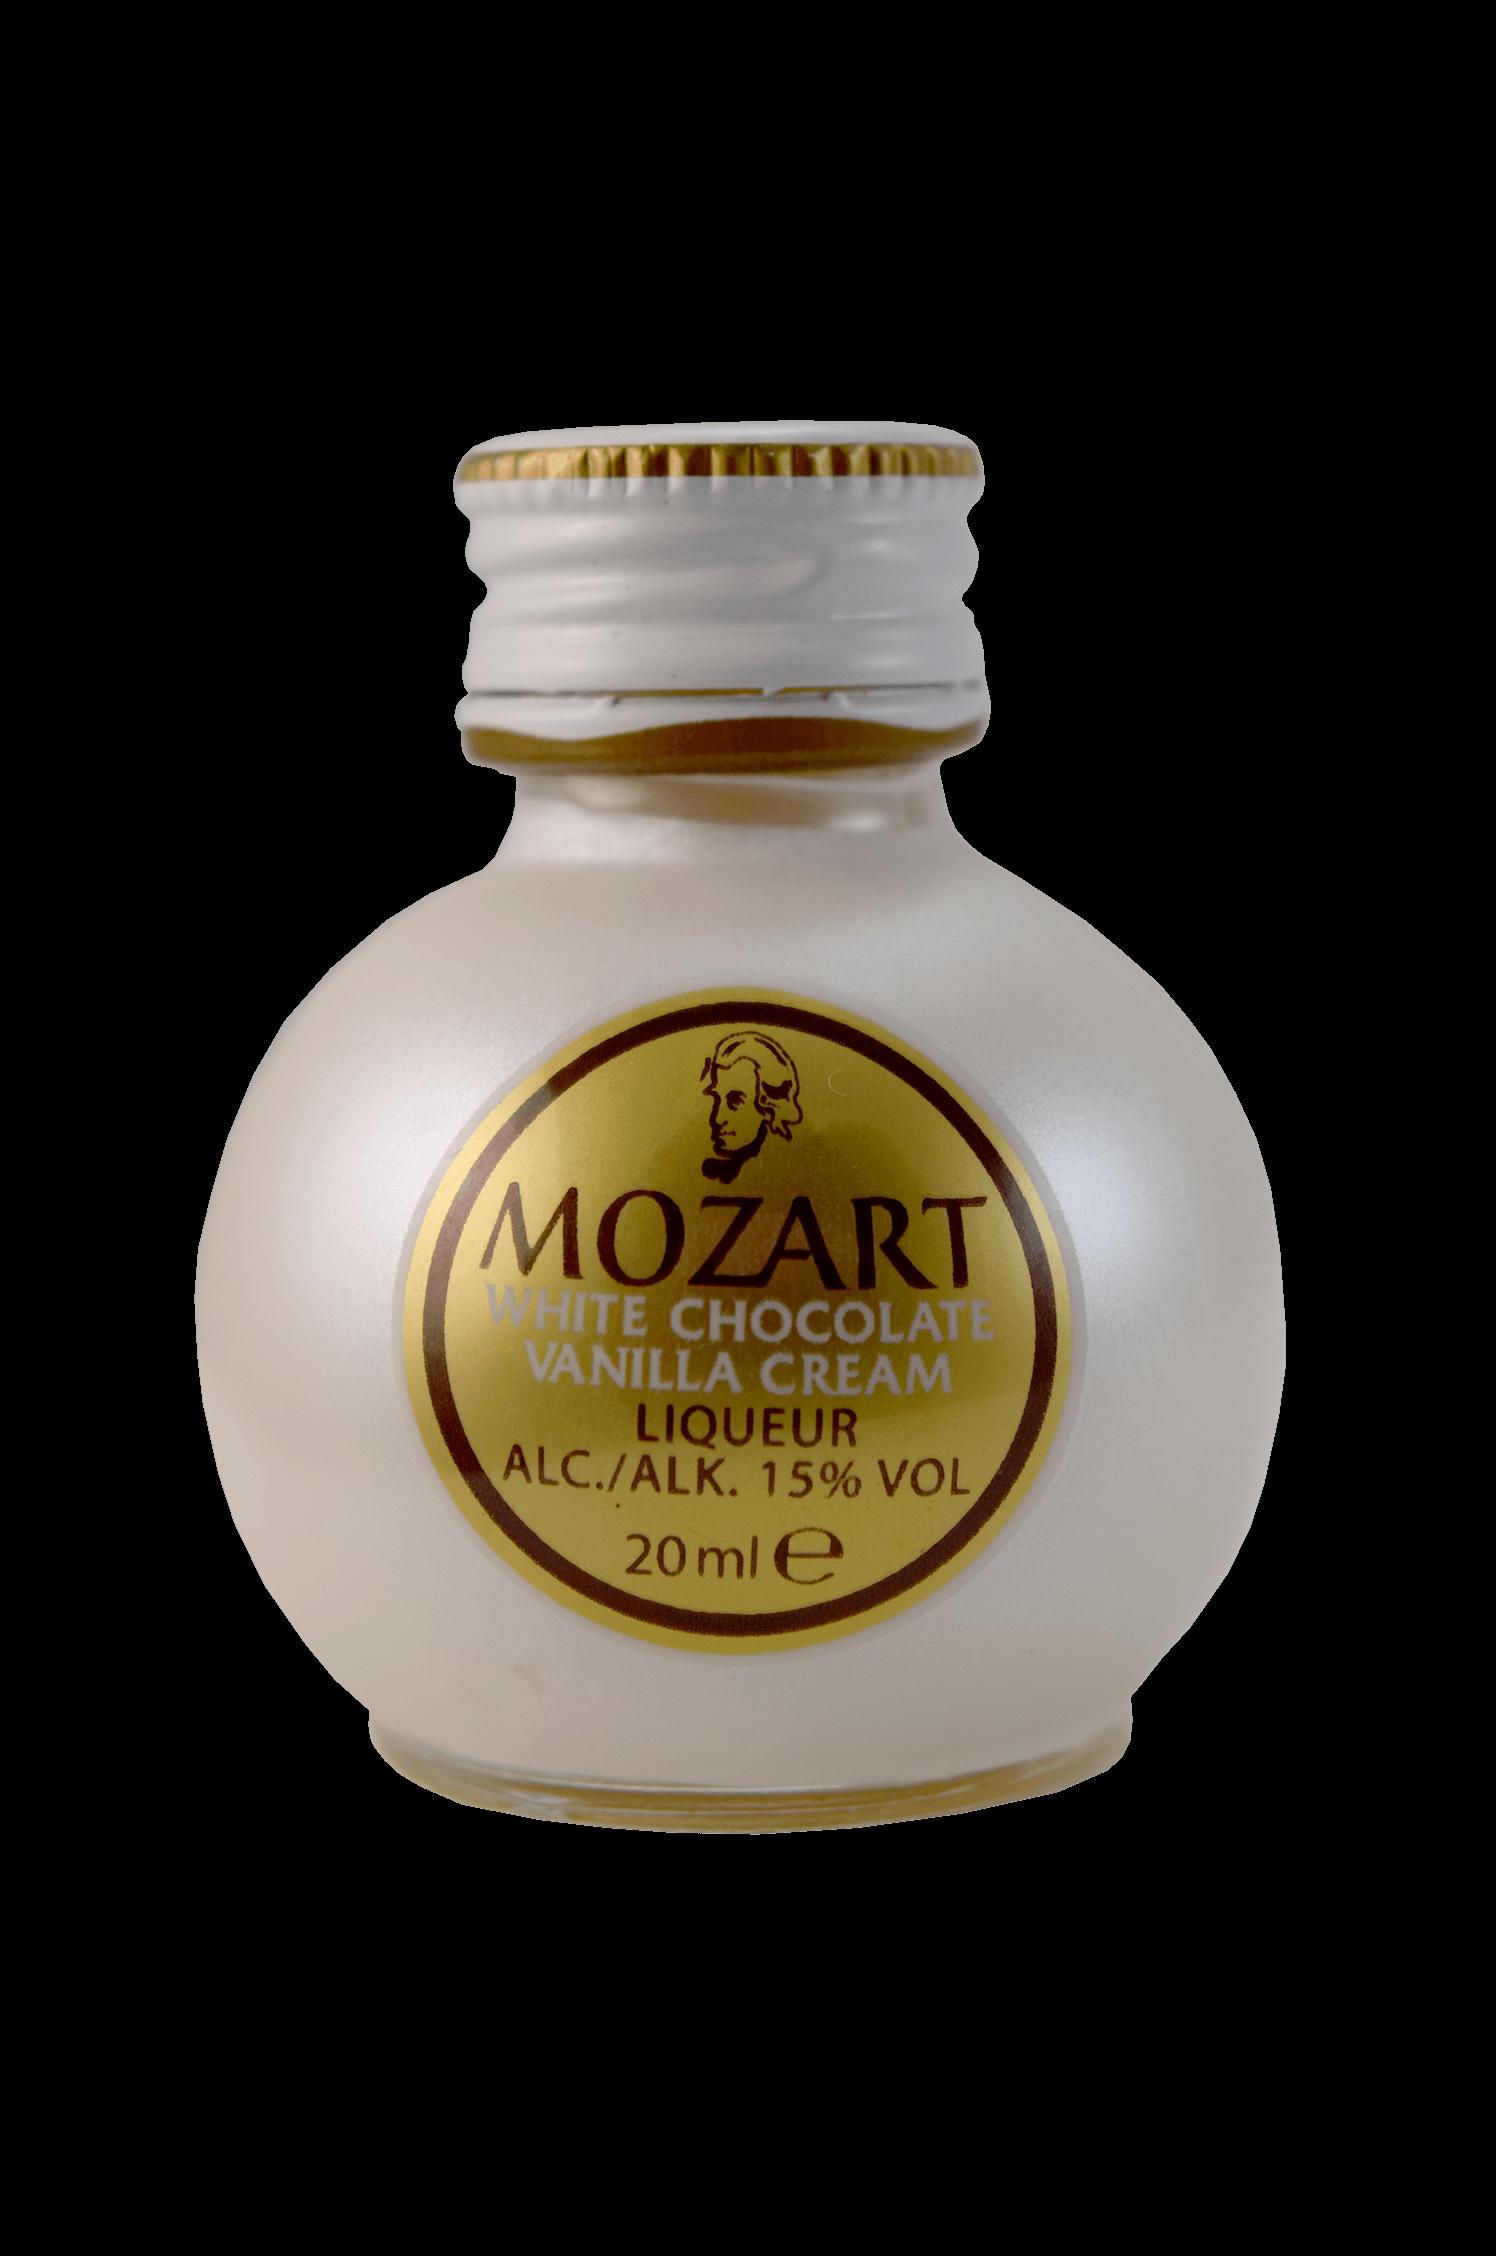 Mozart Vanilla Cream Liqueur